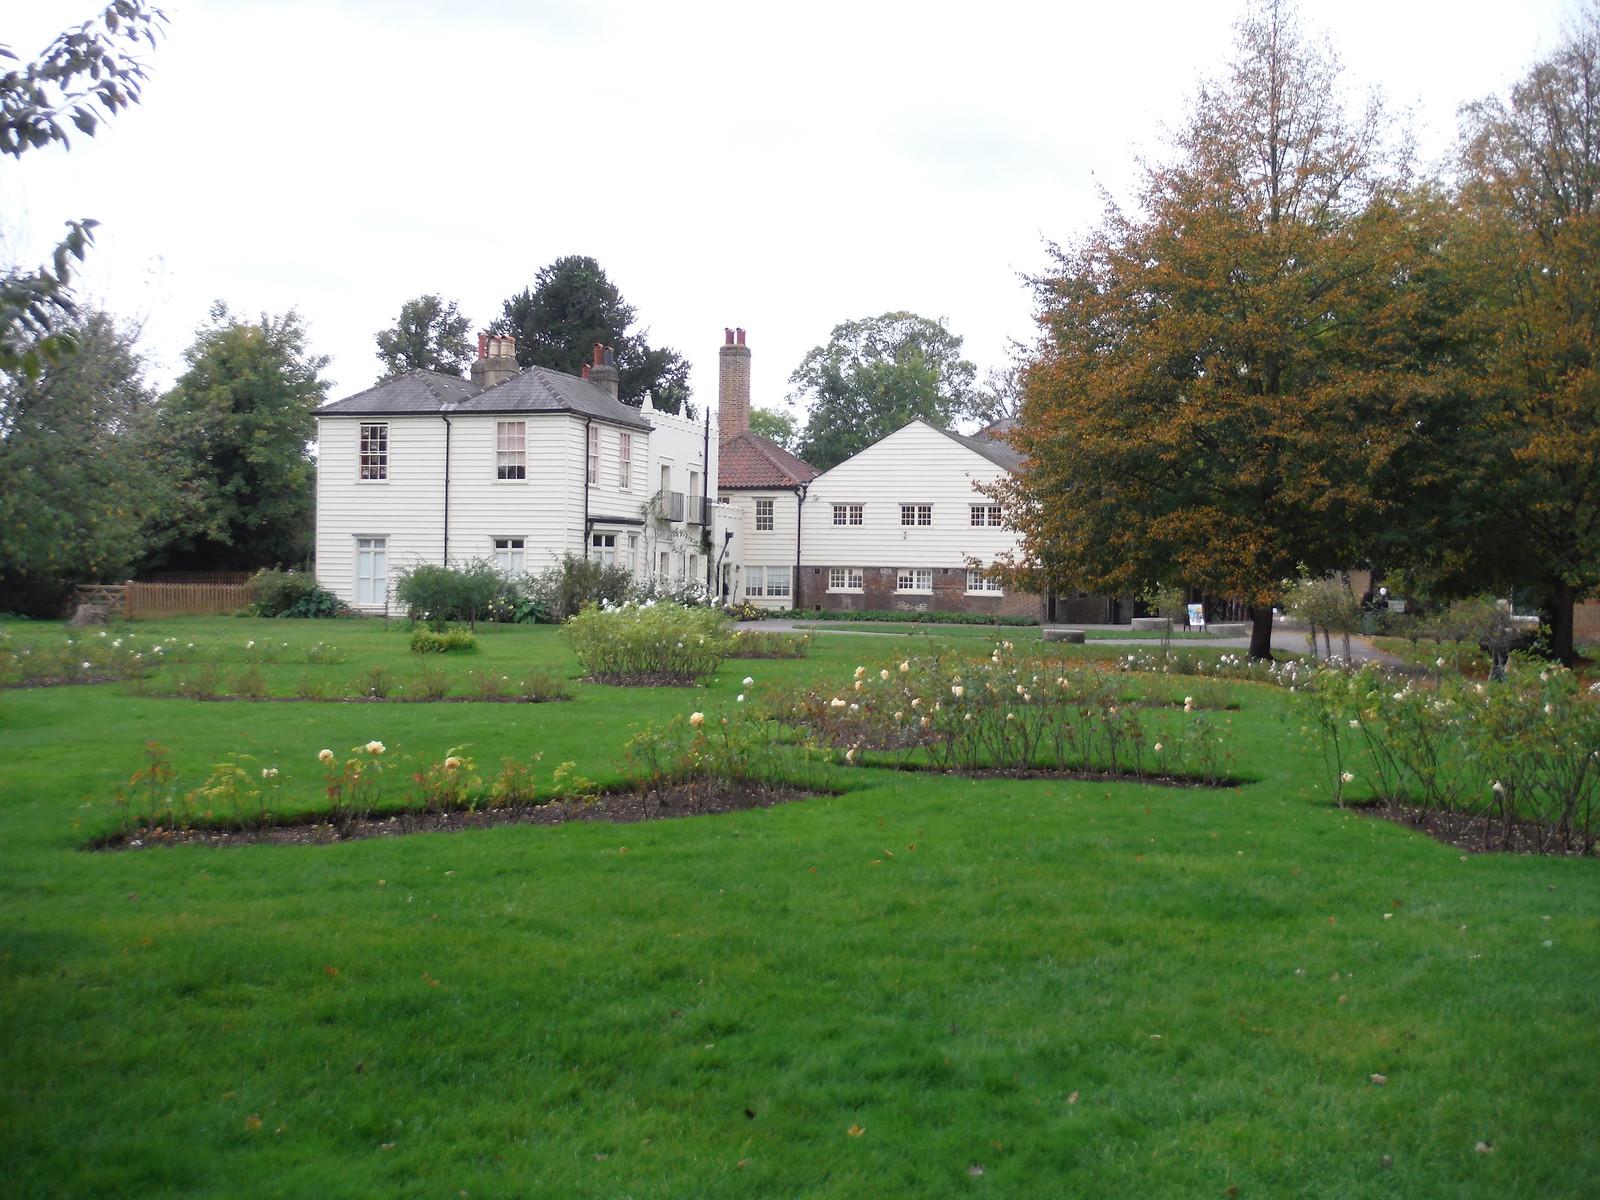 Rose Garden and Morden Cottage, Morden Hall Park SWC Walk Short 13 - Morden Hall Park and Merton Abbey Mills